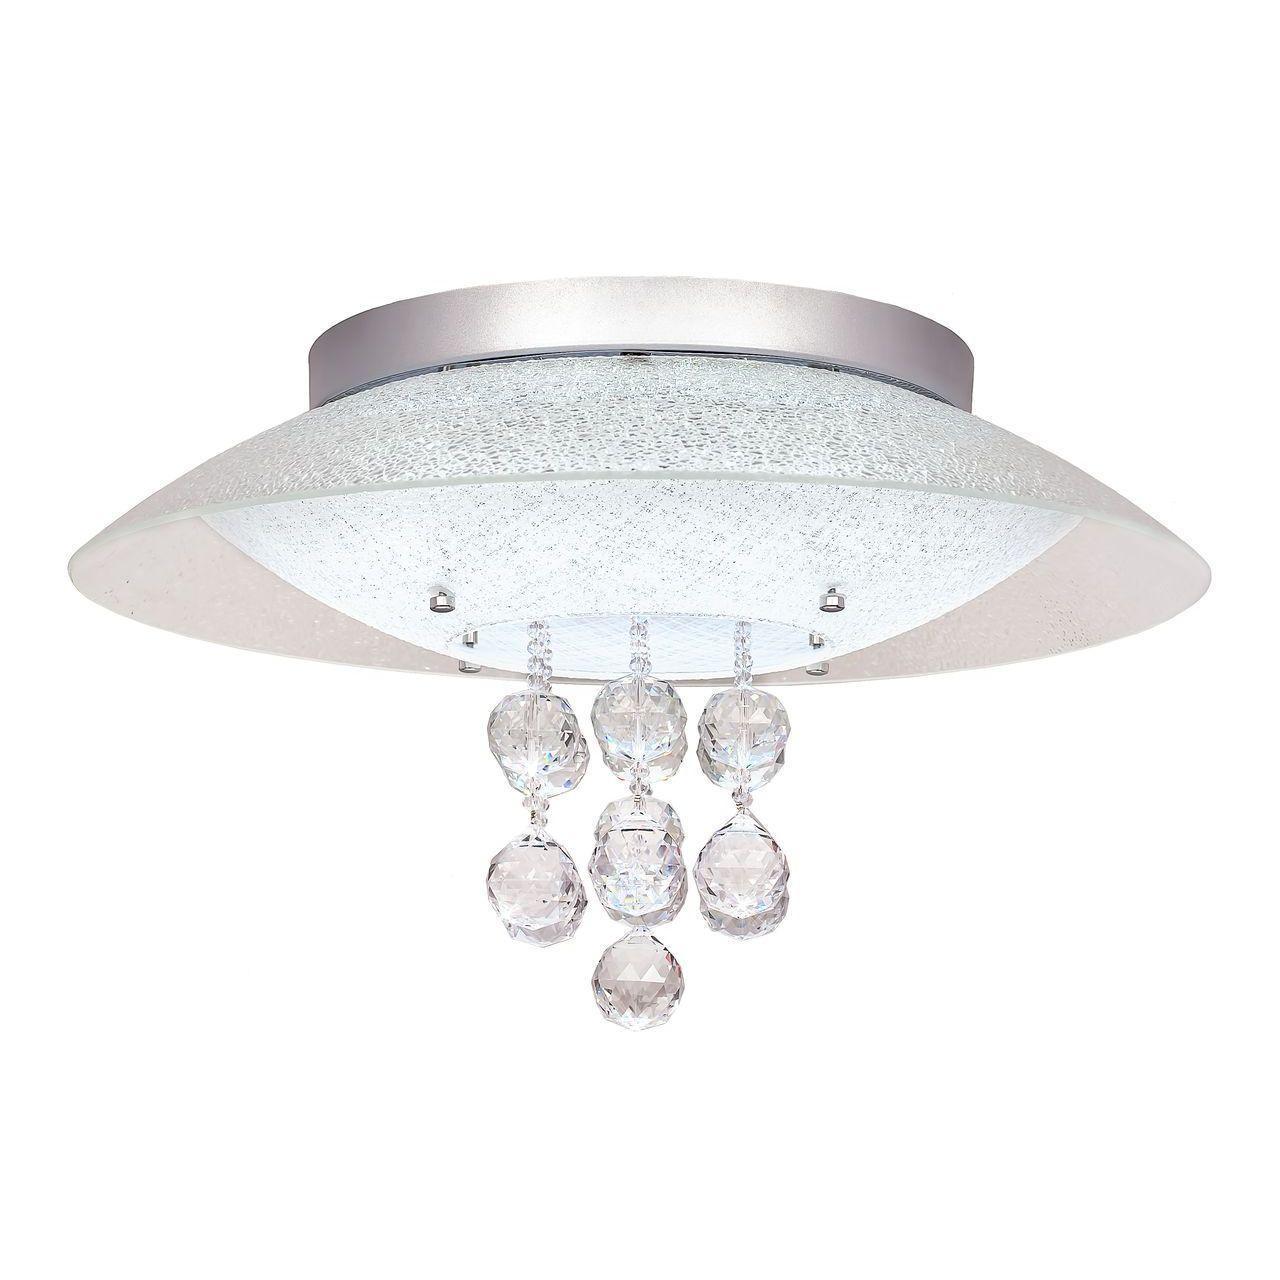 Потолочный светодиодный светильник Silver Light Diamond 845.50.7 diamond grinding head set silver 50 pcs